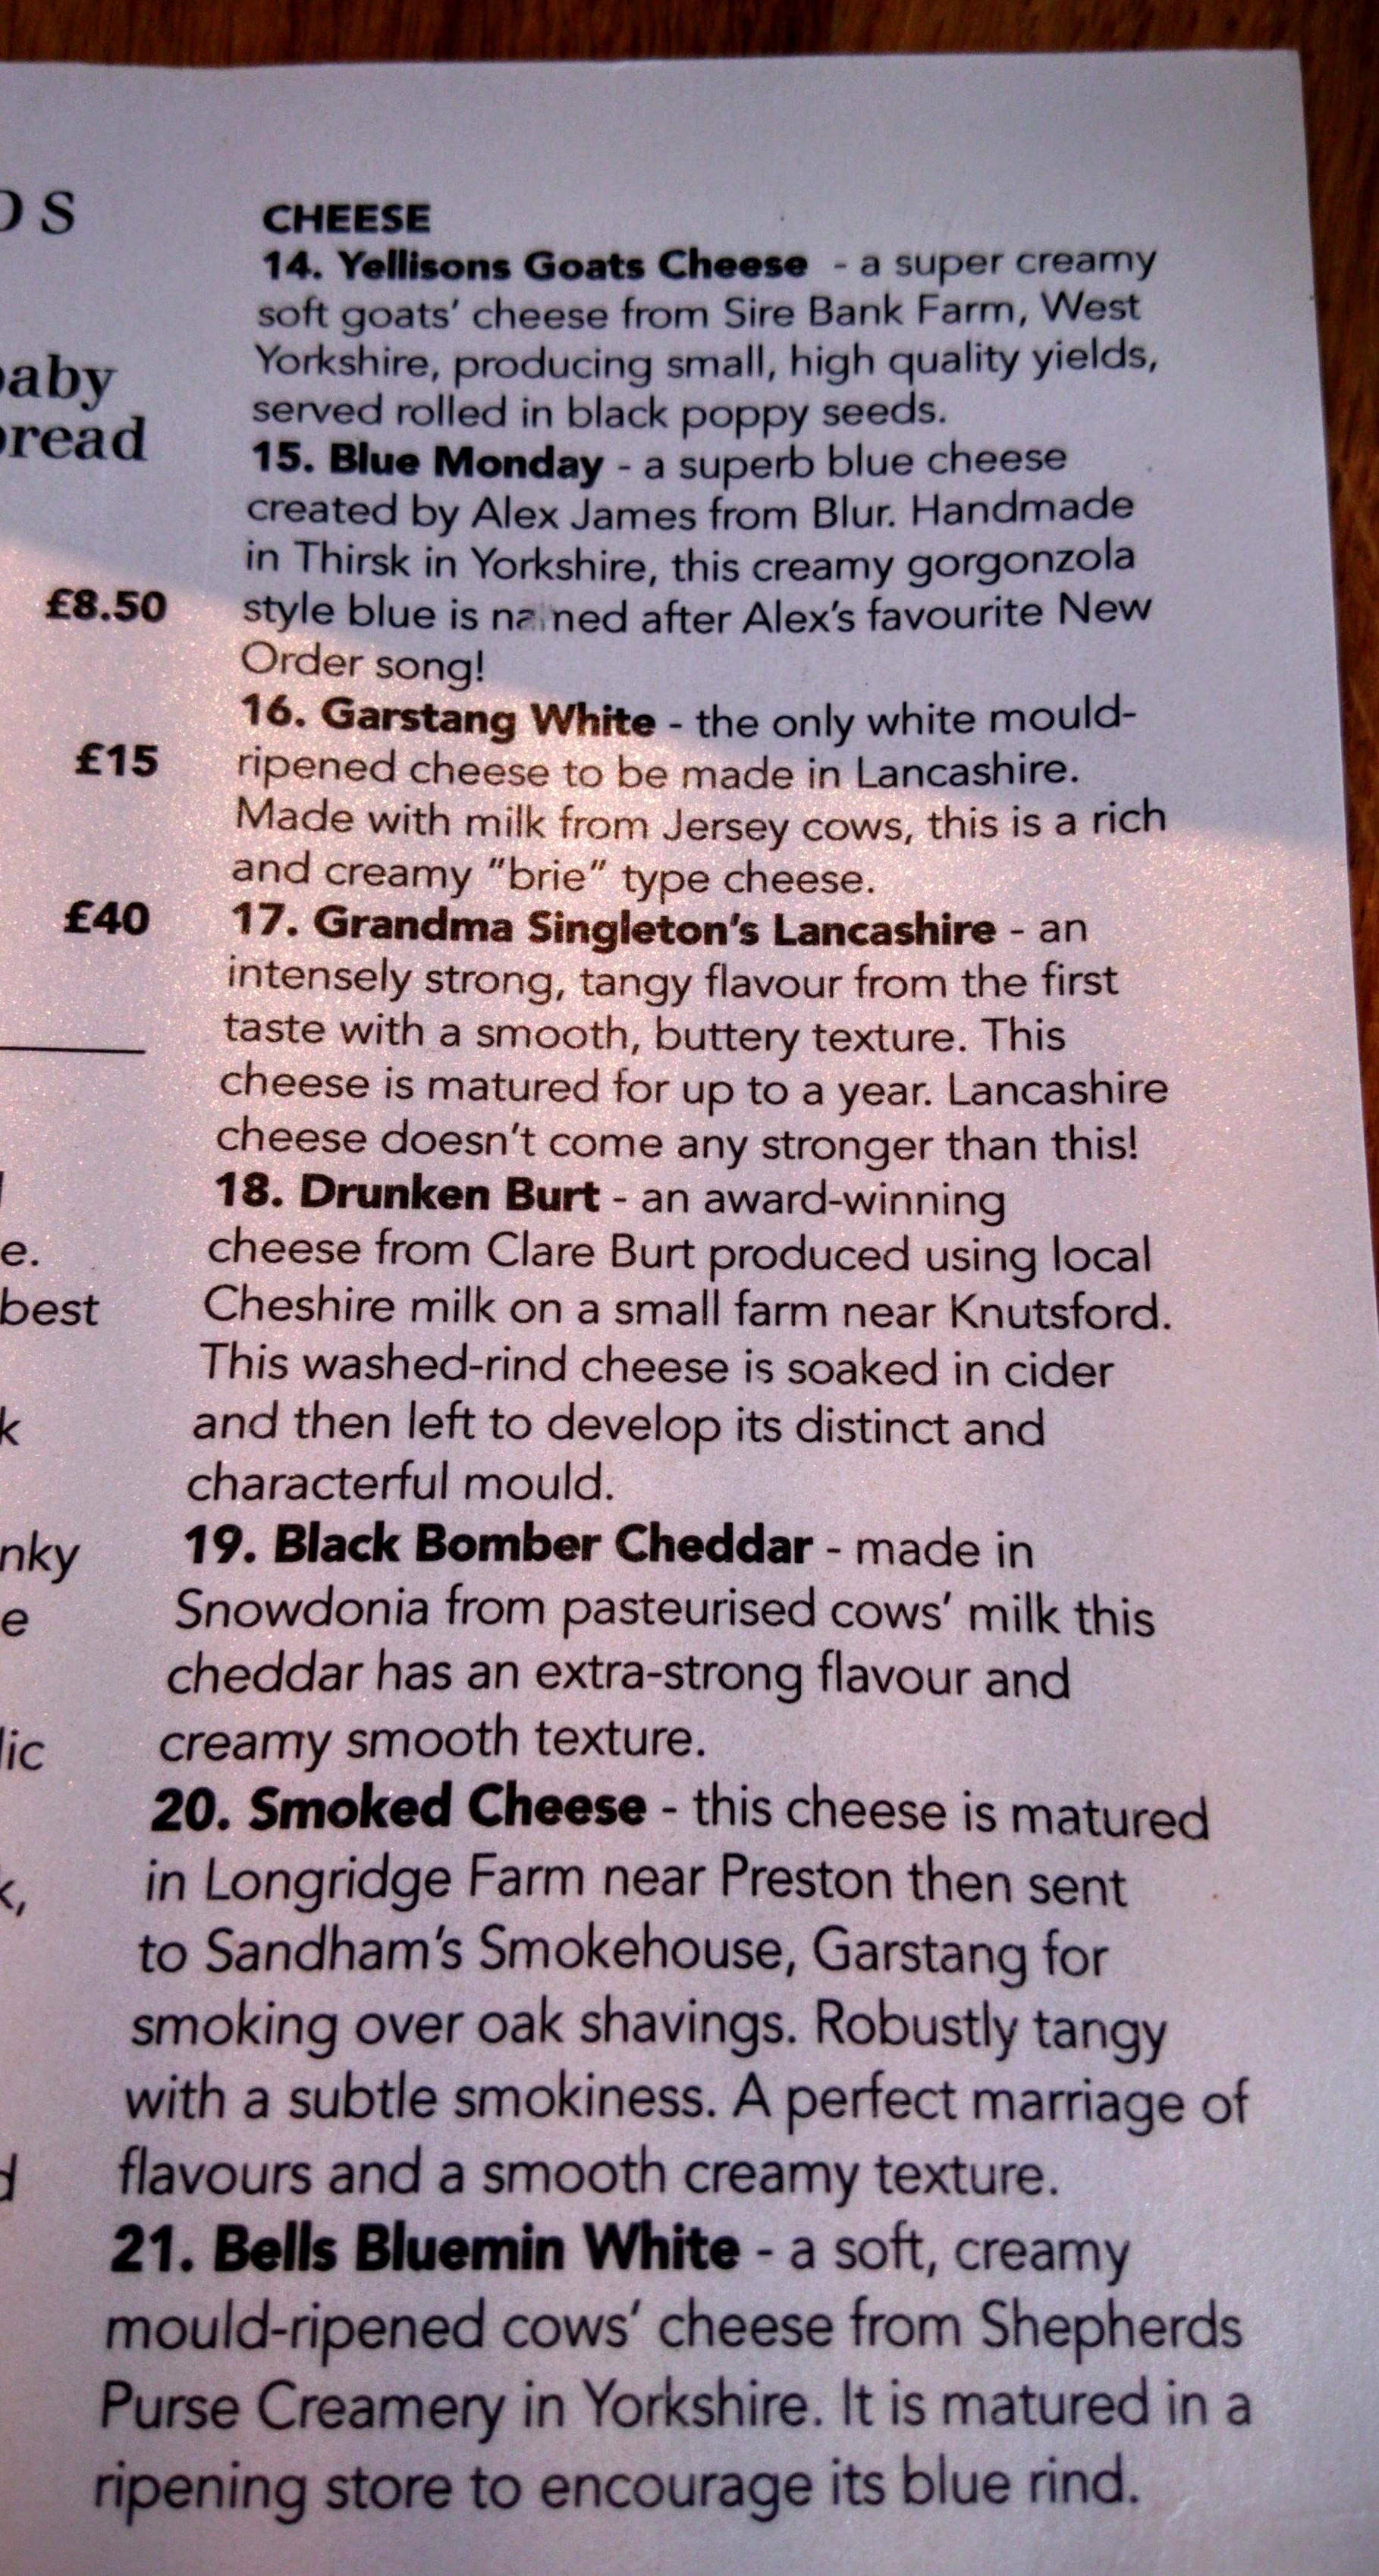 Les options de fromage pour le «sharing board » à Dukes 92.